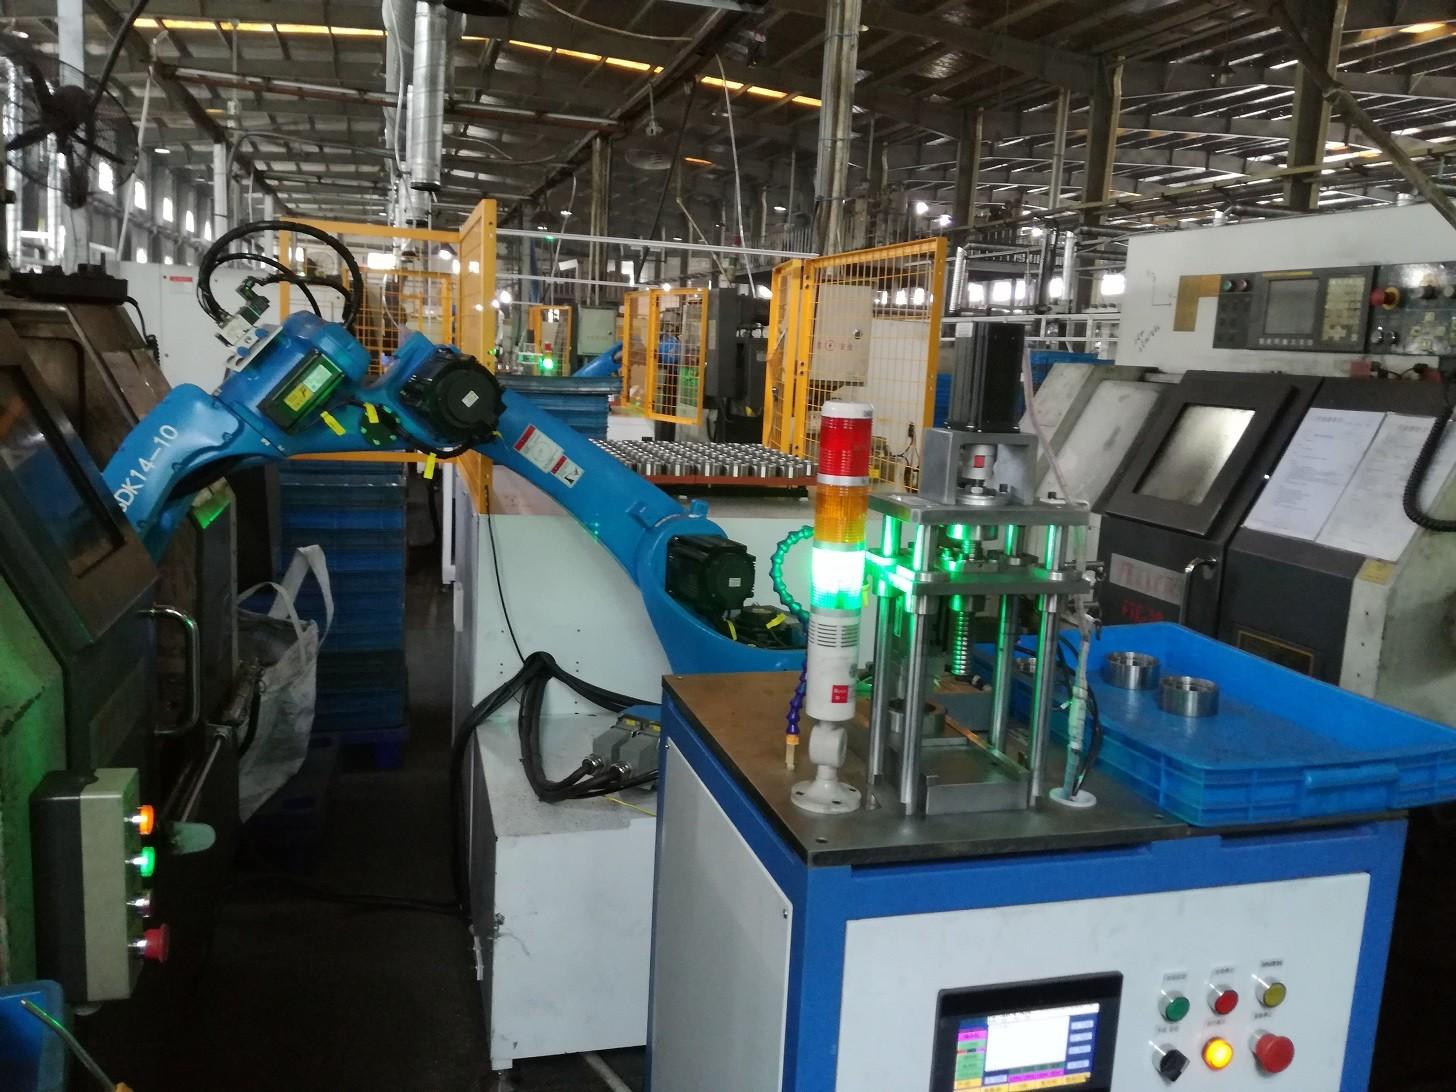 电机轴绕线焊接检测上下料机器人图片1